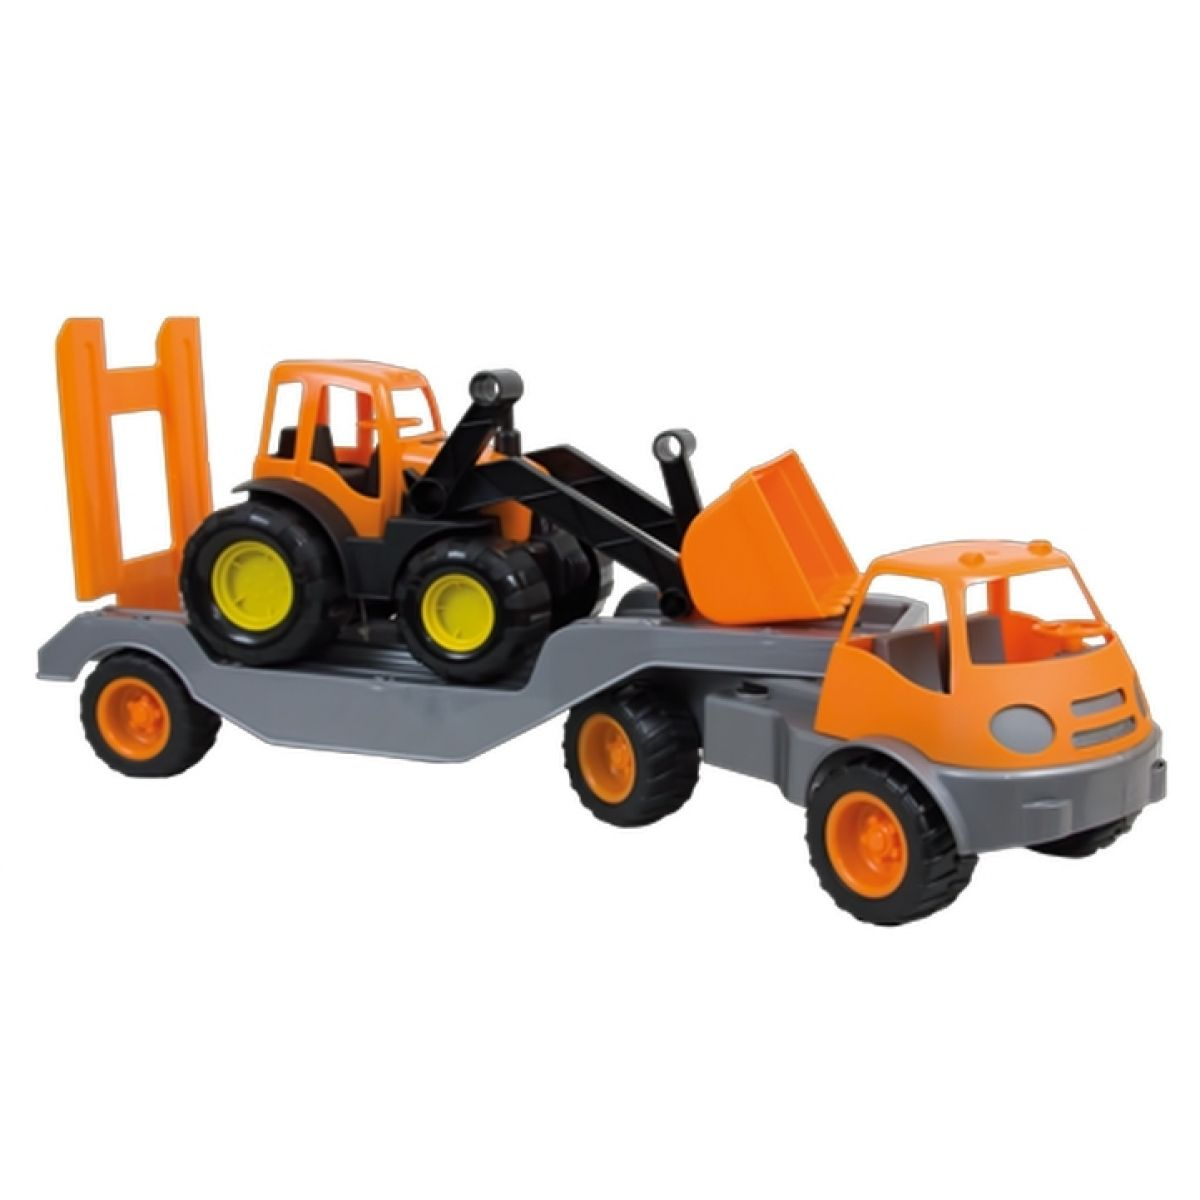 Mochtoys Nákladní auto s přívěsem a bagrem - Oranžová